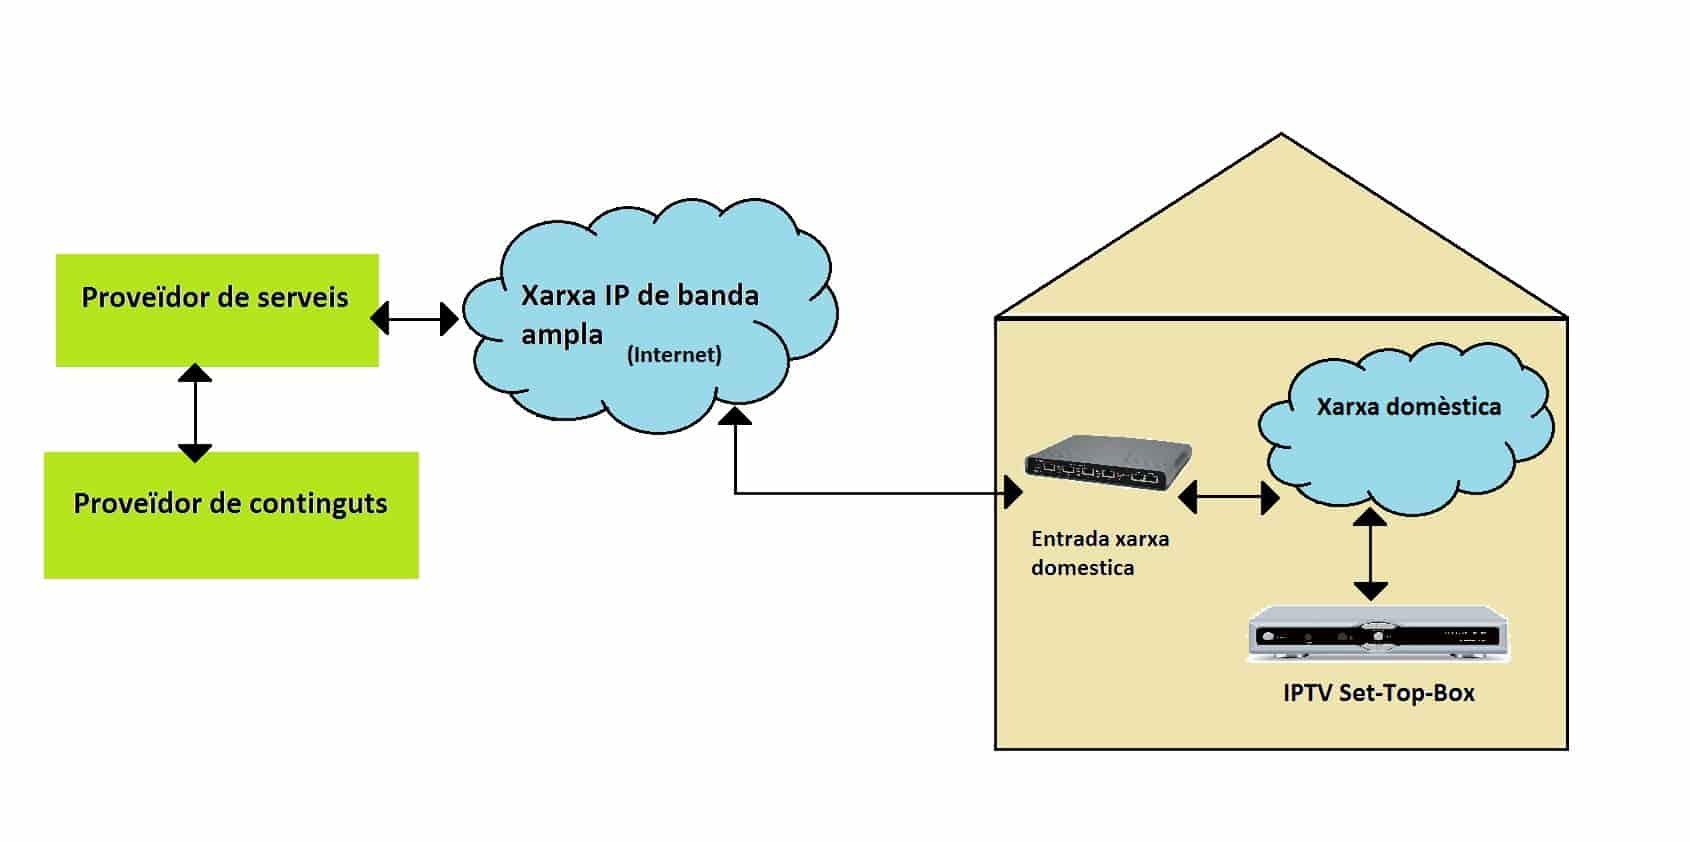 Sokat nyújtanak az IP TV csomagok